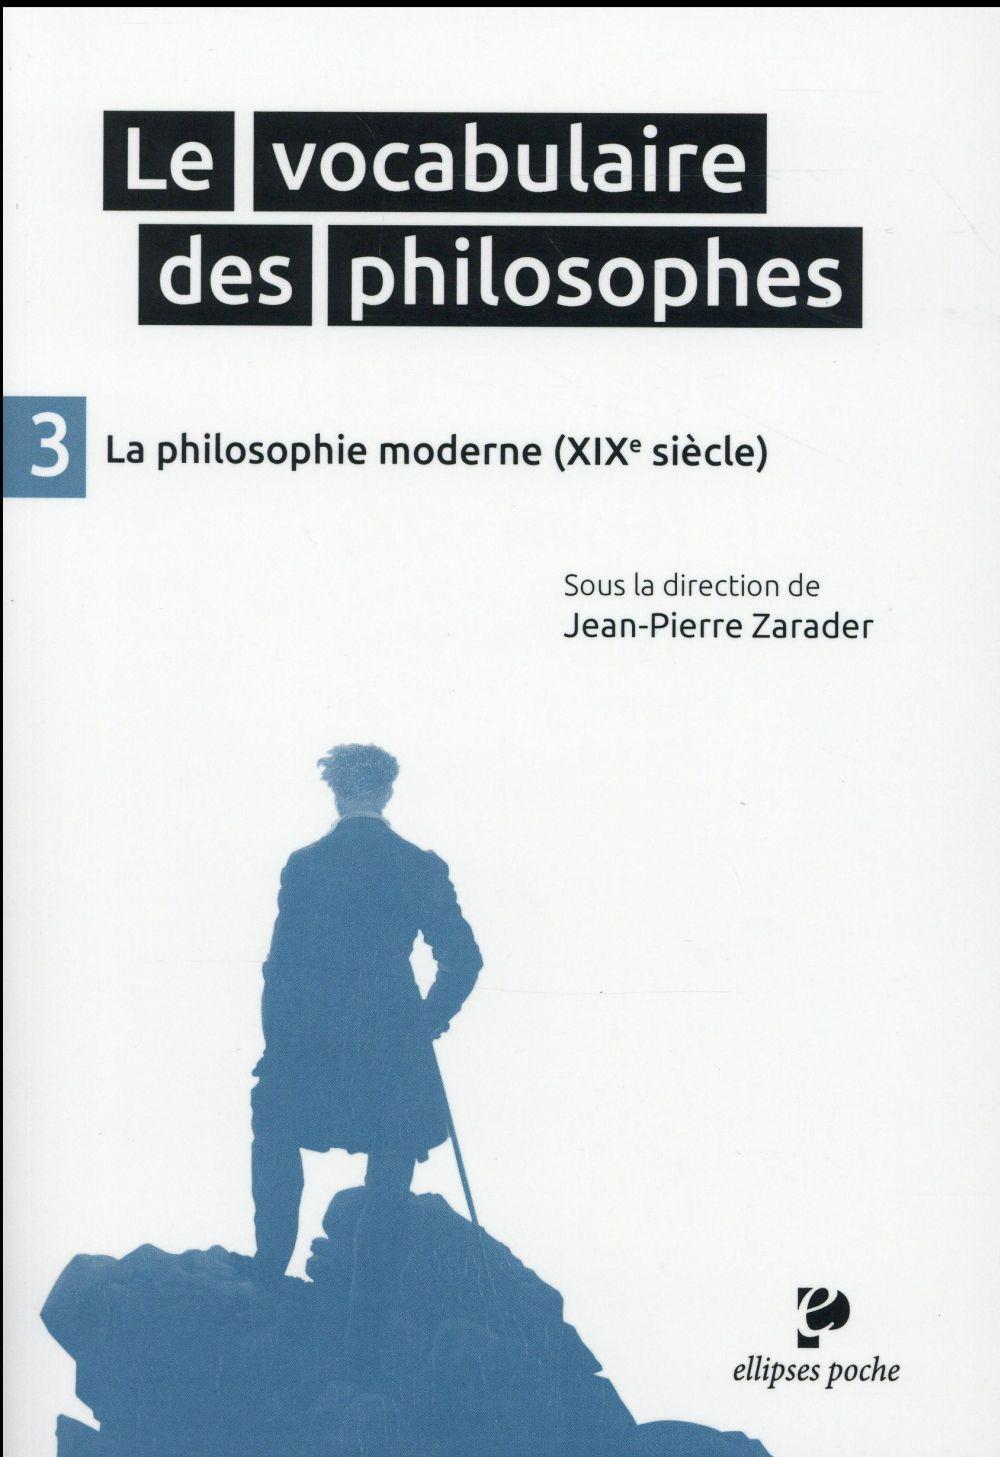 LE VOCABULAIRE DES PHILOSOPHES - LA PHILOSOPHIE MODERNE (XIXE SIECLE)